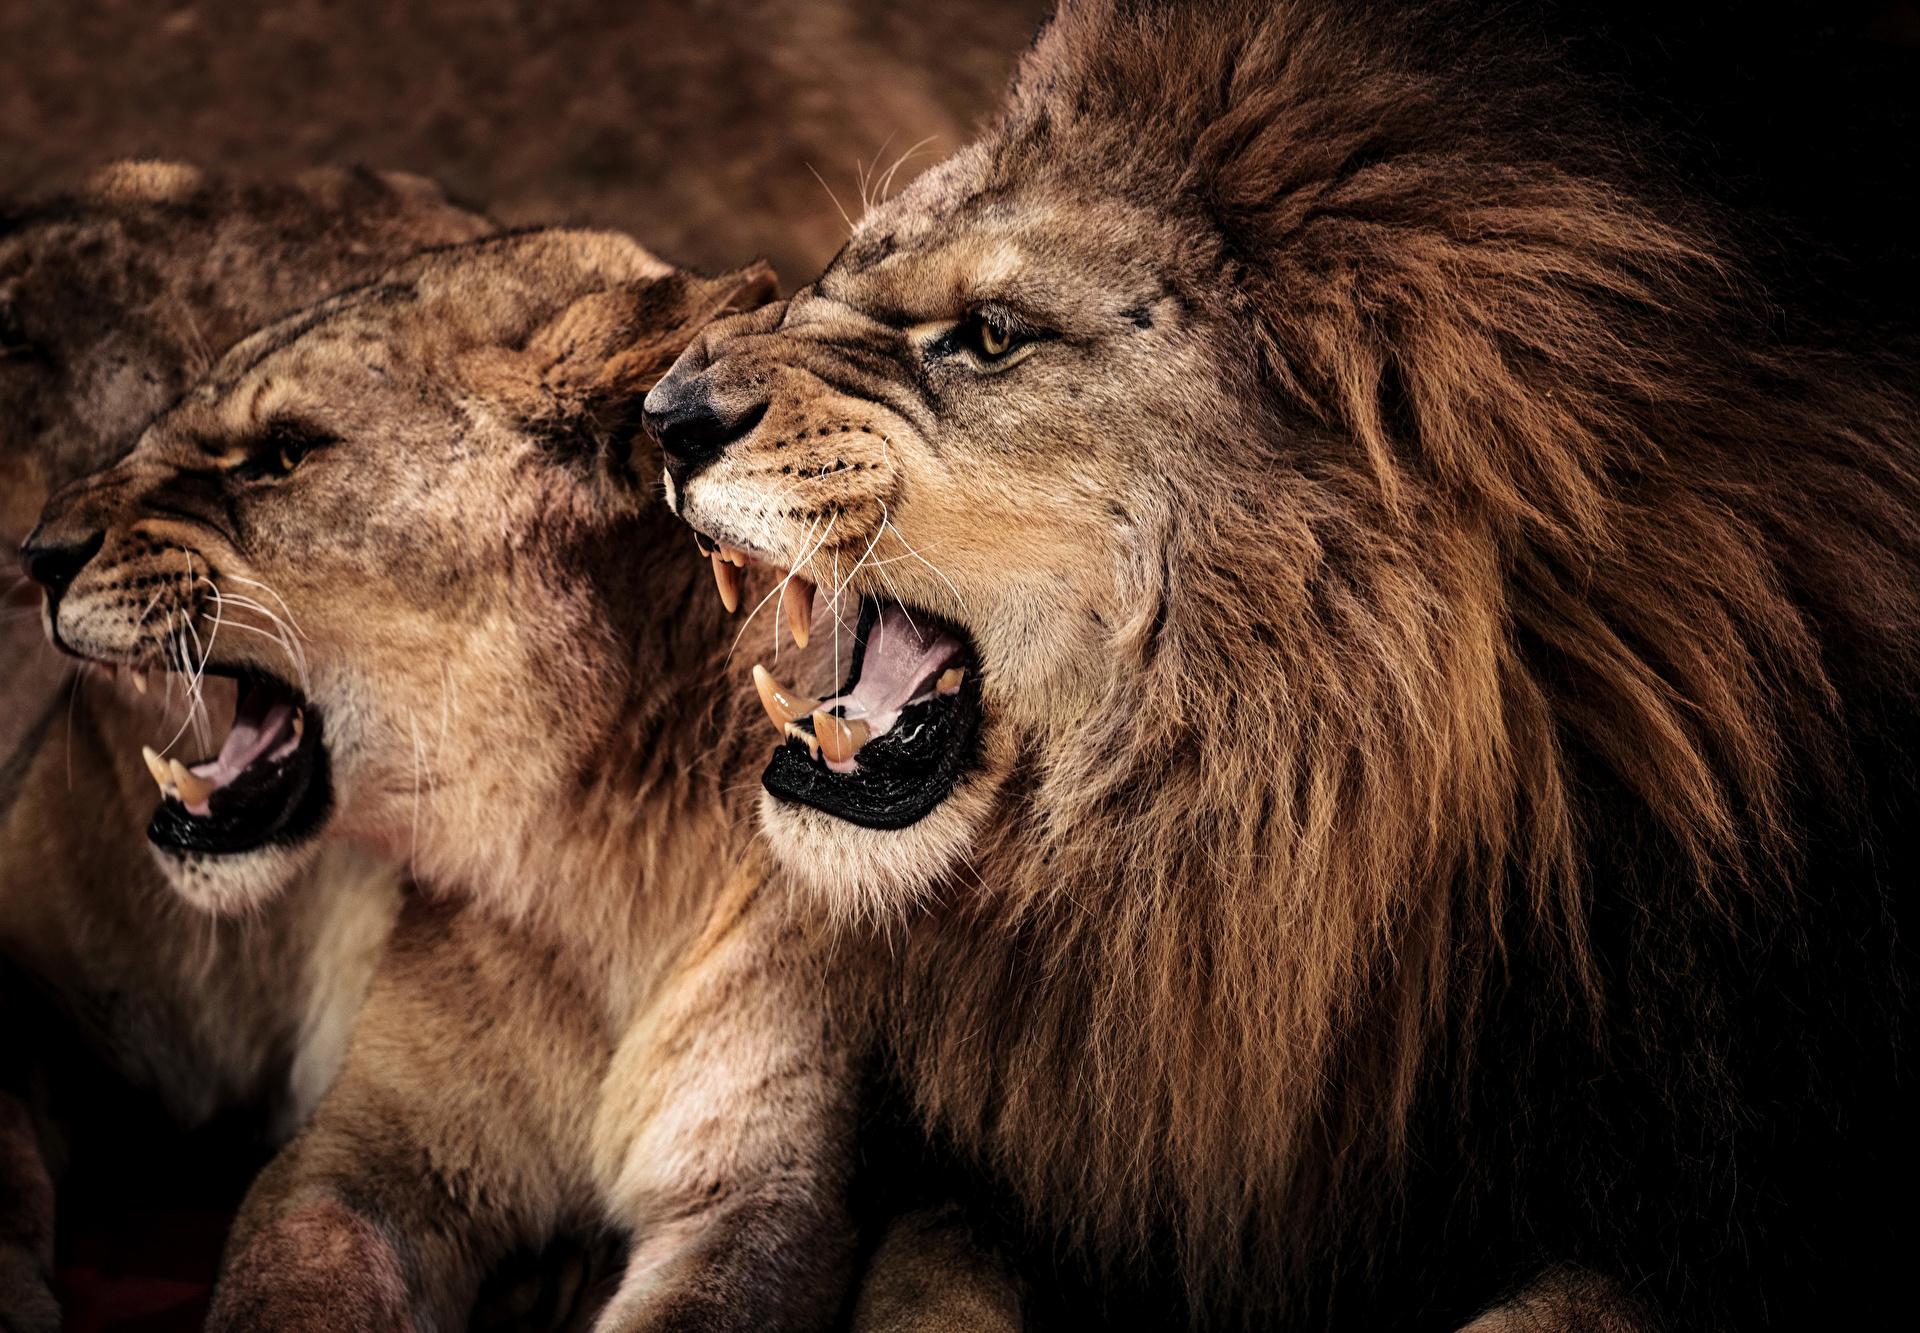 маршрутки Станция картинки с львами и львицами новой, улучшенной модифицированной